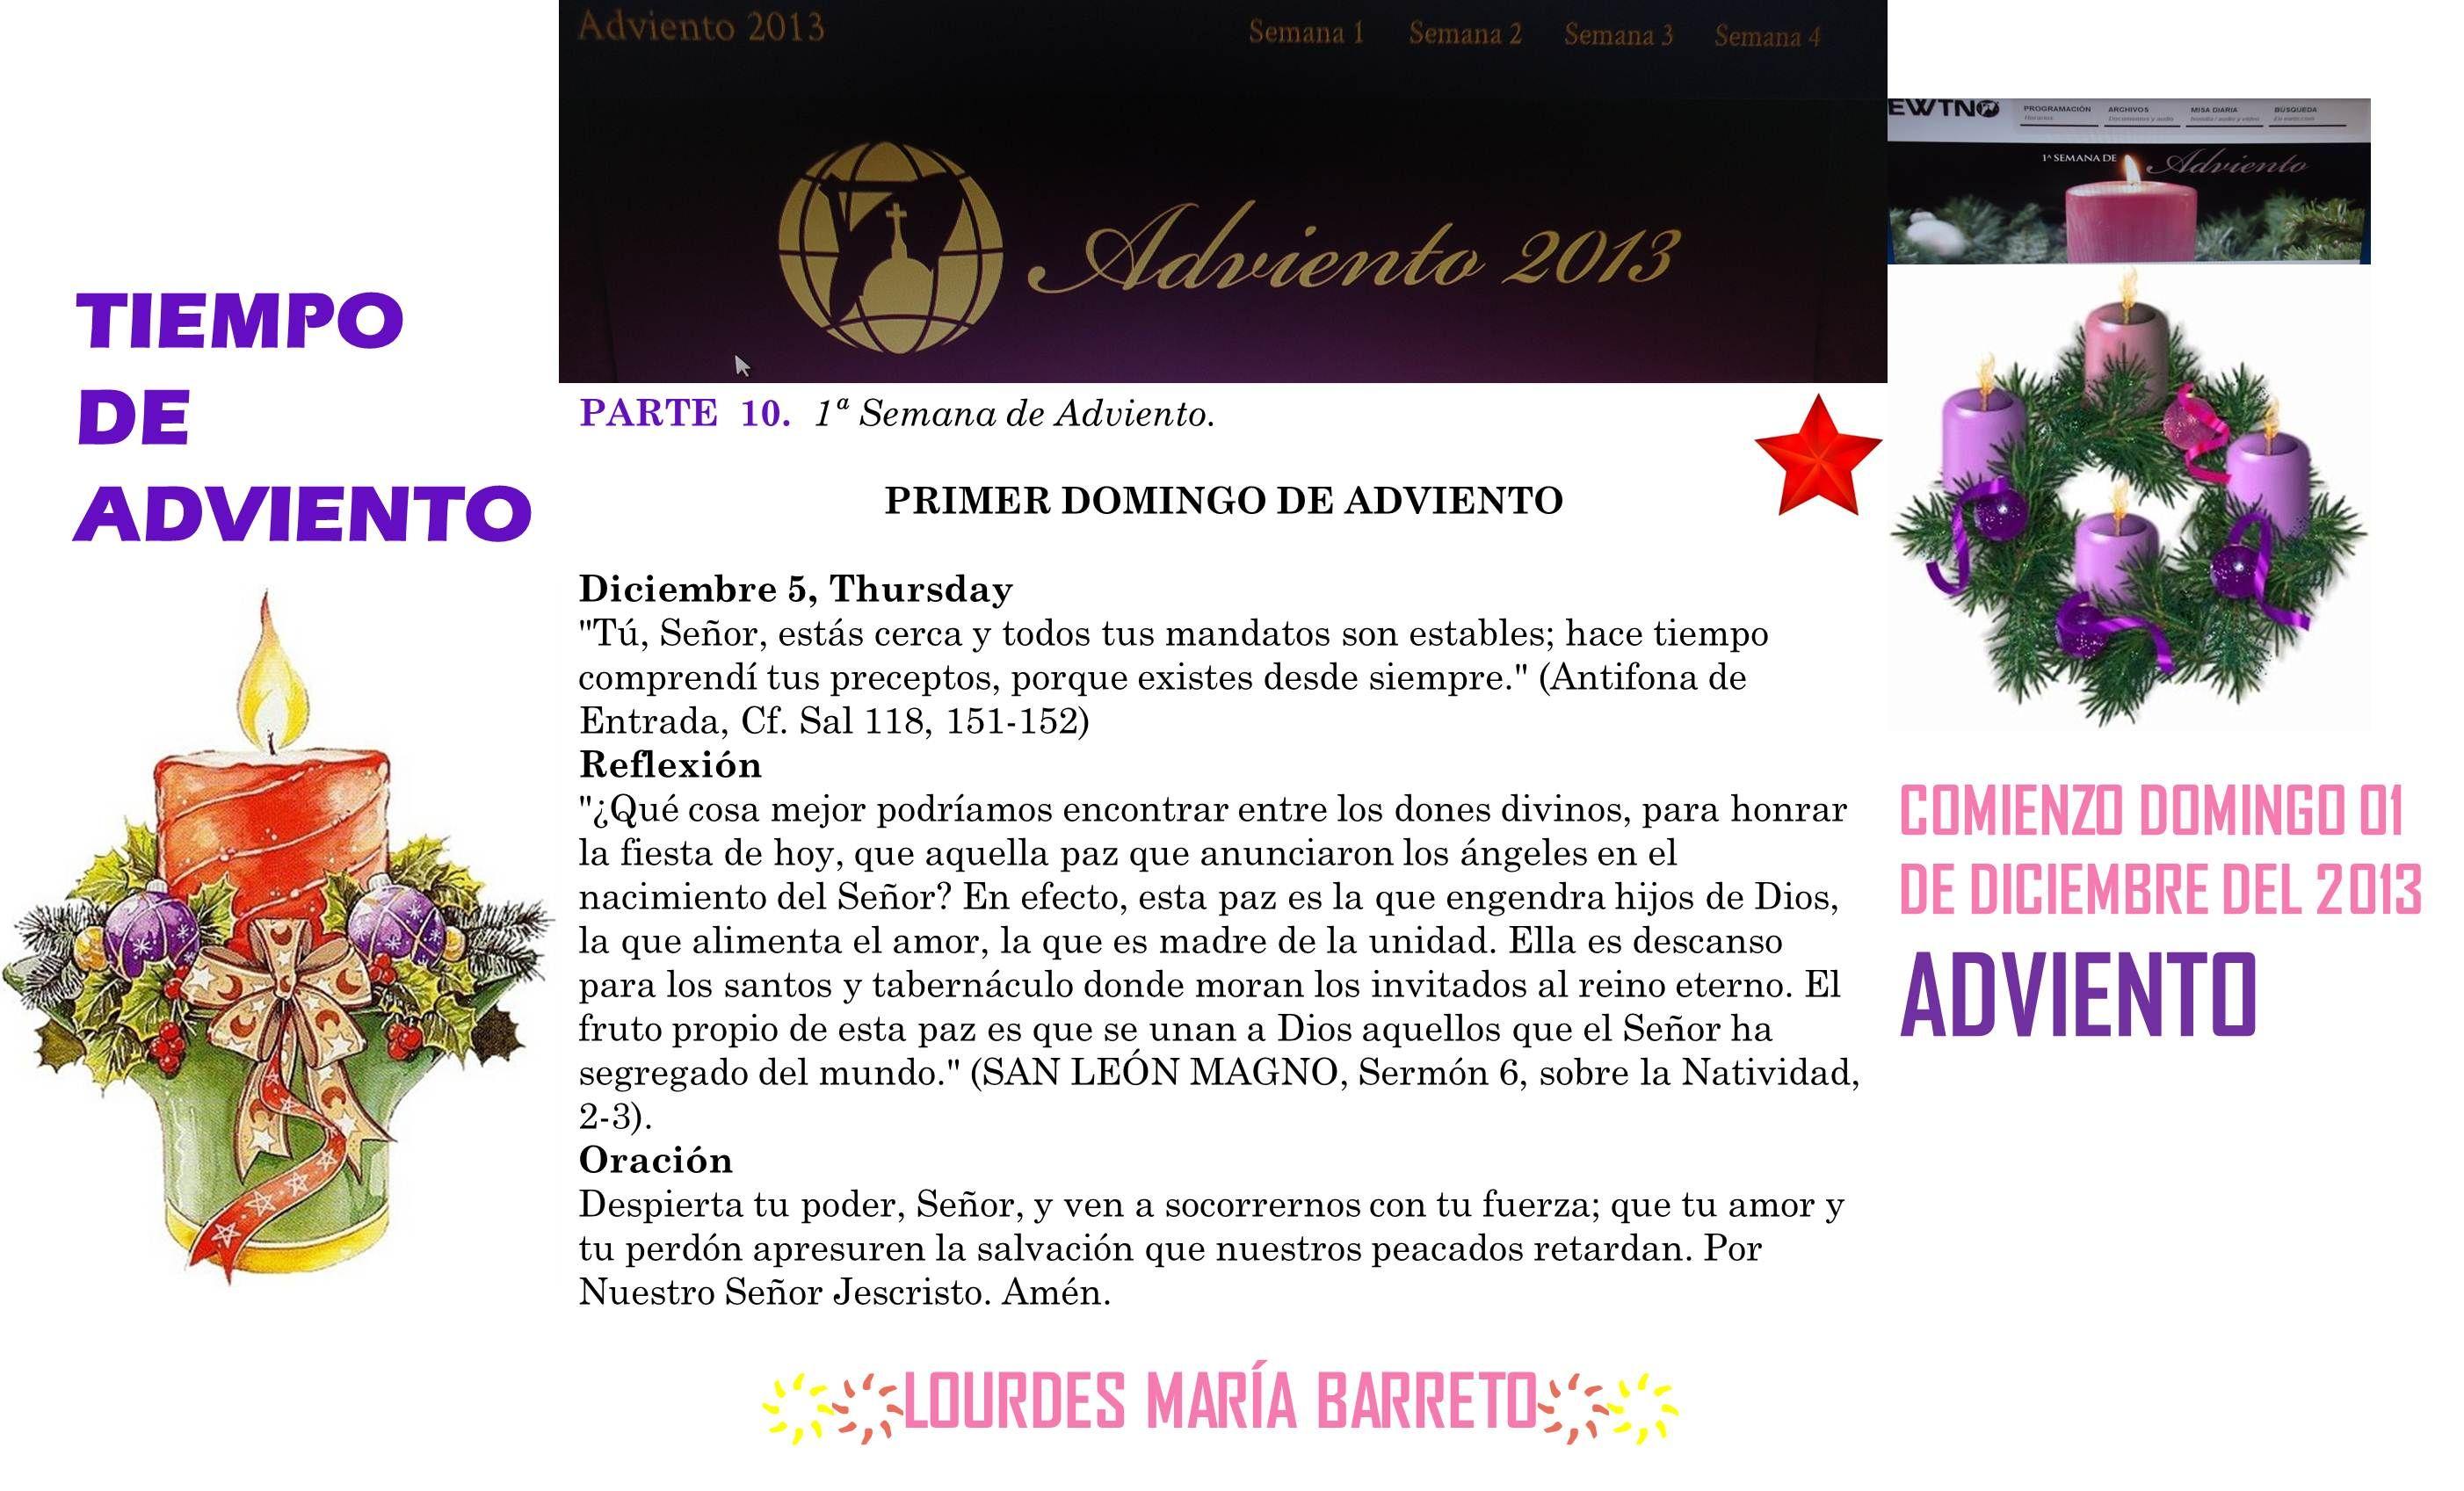 PRIMERA SEMANA DE ADVIENTO  PRIMER DOMINGO DE ADVIENTO DICIEMBRE 5    PARTE 10 *♥ ♥LOURDES MARIA BARRETO♥ ♥*